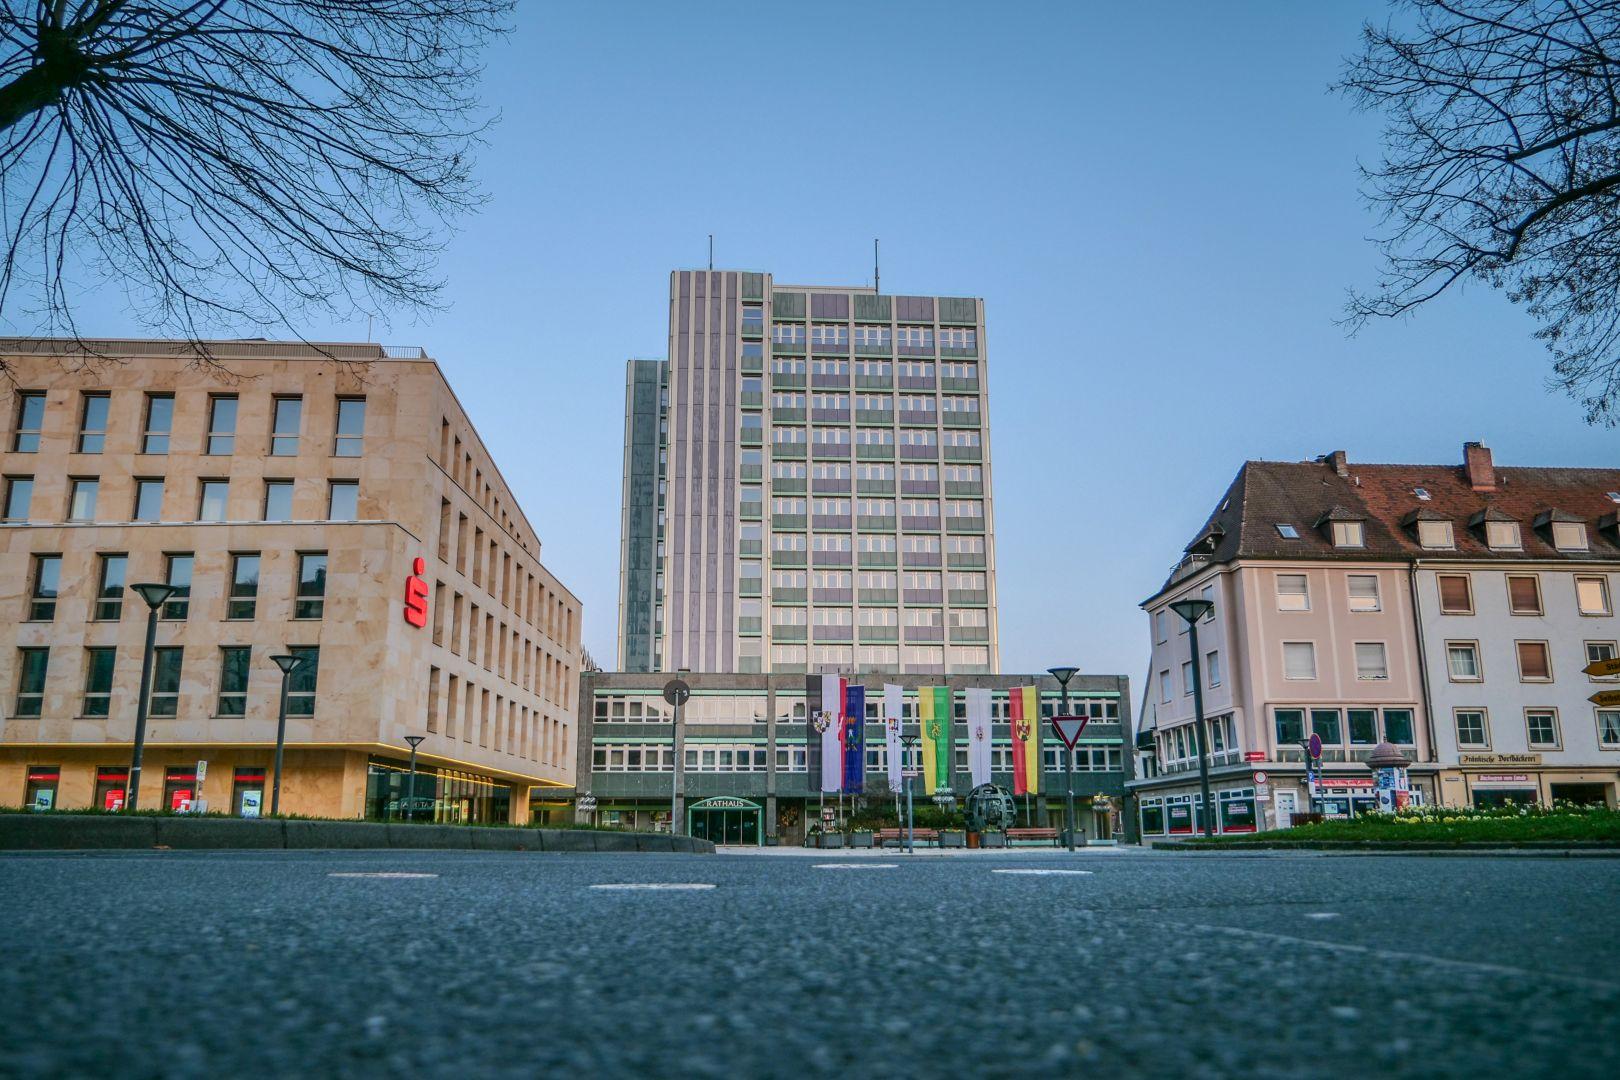 Lokalnachrichten in Bayreuth: Kostenfreie Energieberatung im Rathaus